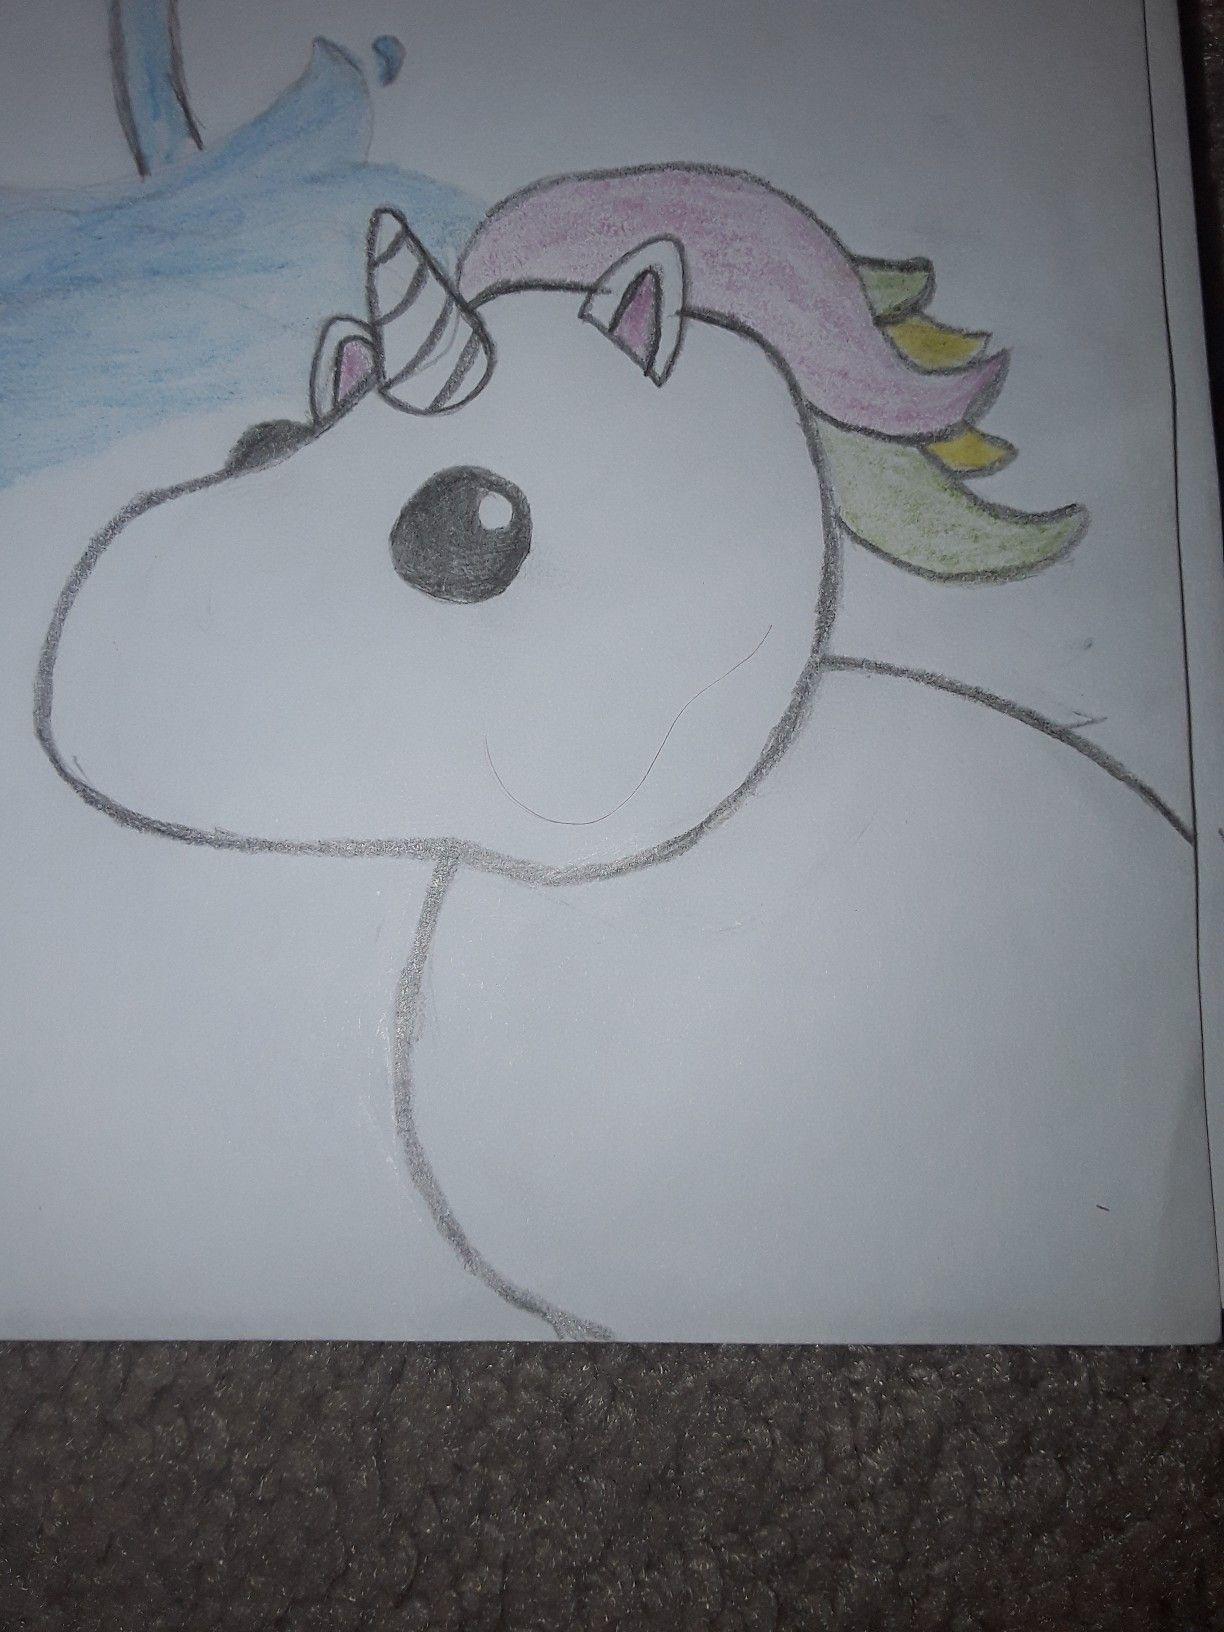 Unicorn In 2020 Roblox Unicorn My Drawings